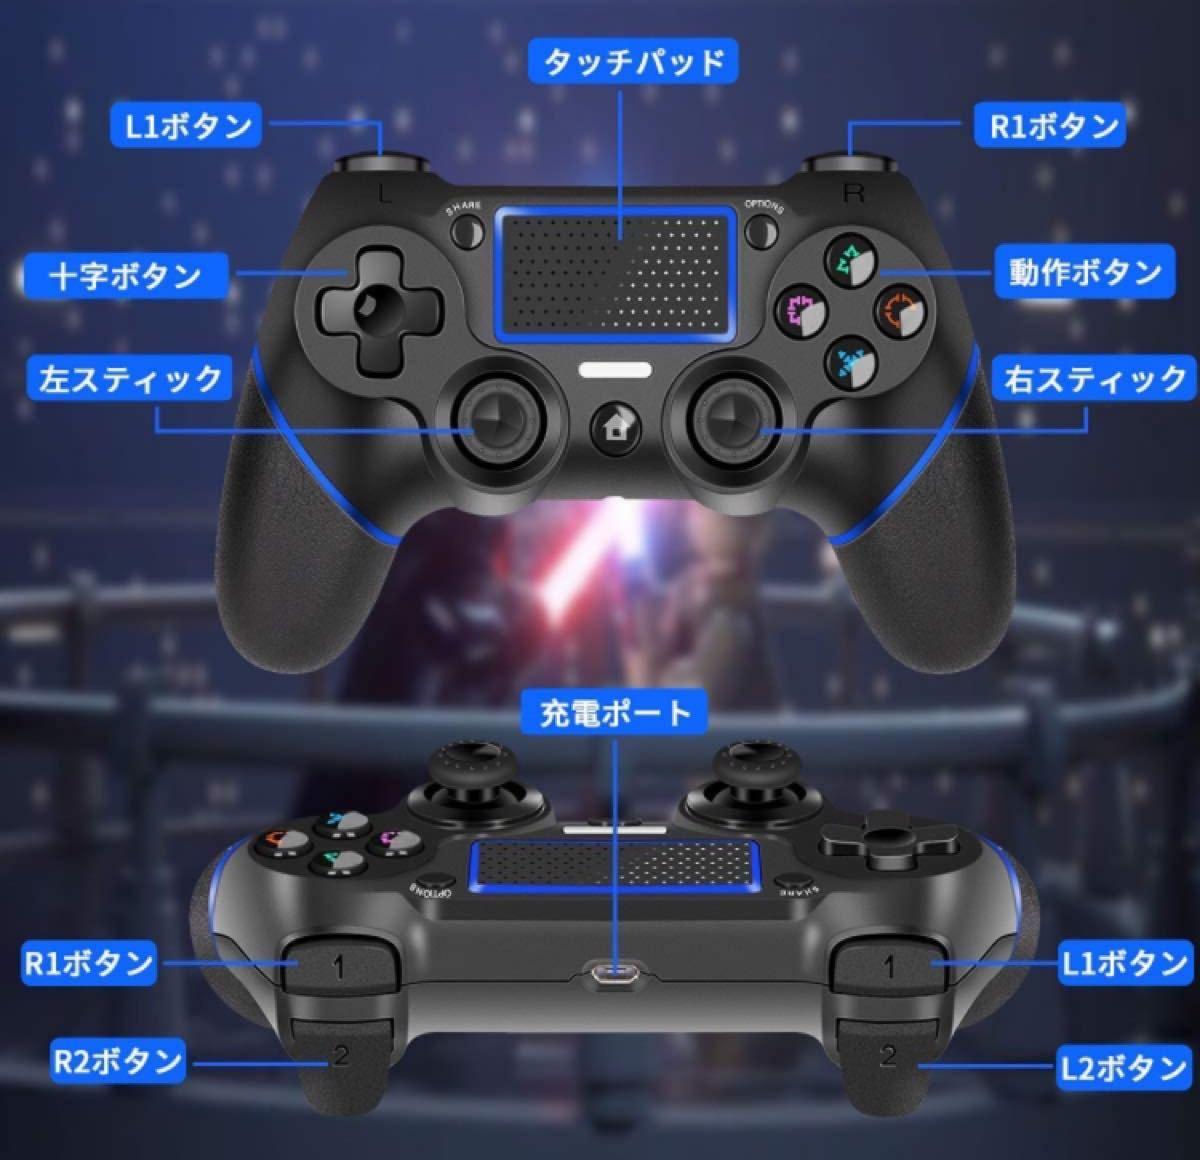 Ps4 コントローラー ワイヤレス コントローラー Ps4専用